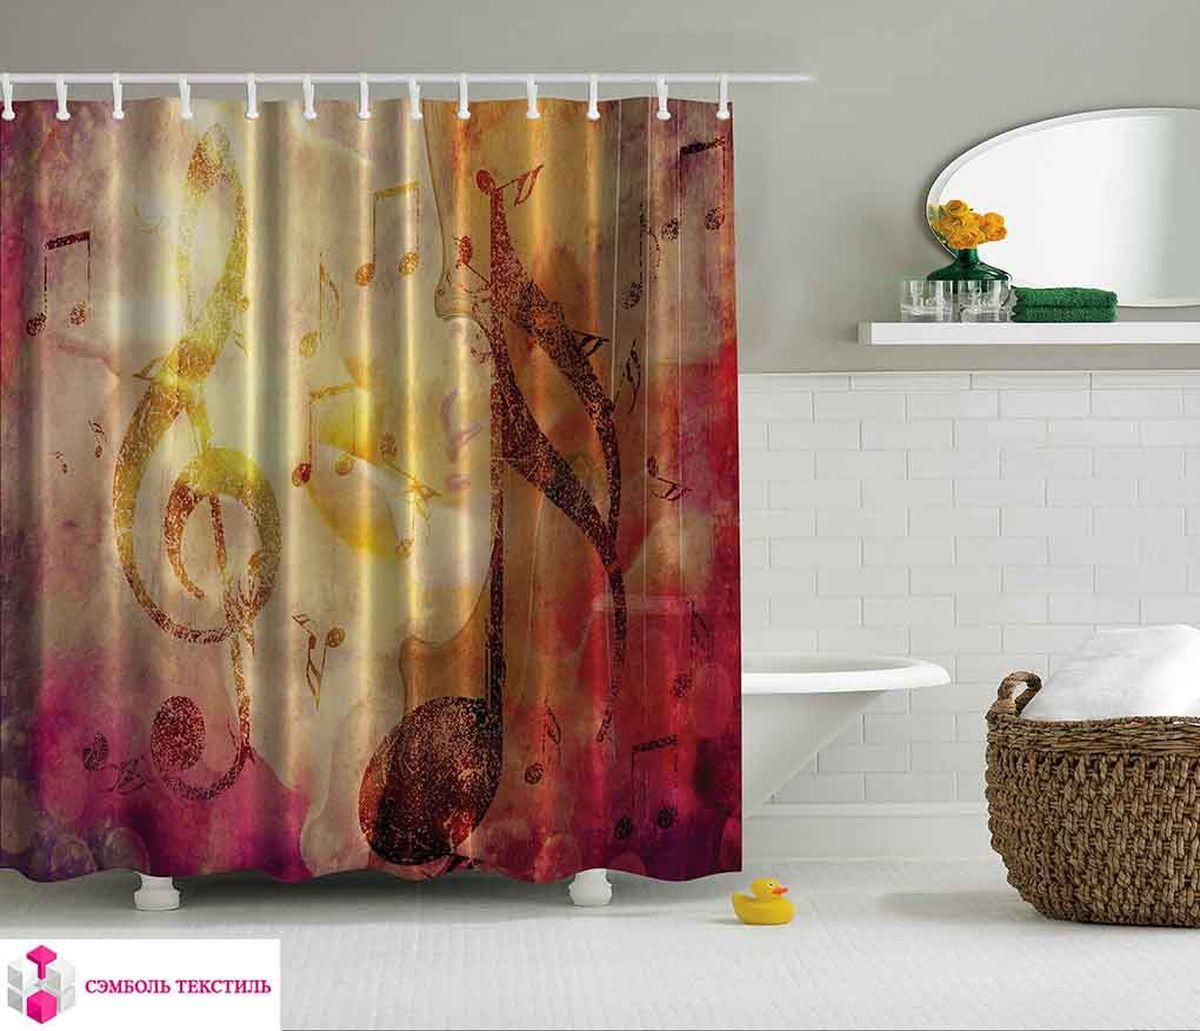 Штора для ванной комнаты Magic Lady Цветомузыка, 180 х 200 смшв_3365Штора Magic Lady Цветомузыка, изготовленная из высококачественного сатена (полиэстер 100%), отлично дополнит любой интерьер ванной комнаты. При изготовлении используются специальные гипоаллергенные чернила для прямой печати по ткани, безопасные для человека. В комплекте: 1 штора, 12 крючков. Обращаем ваше внимание, фактический цвет изделия может незначительно отличаться от представленного на фото.